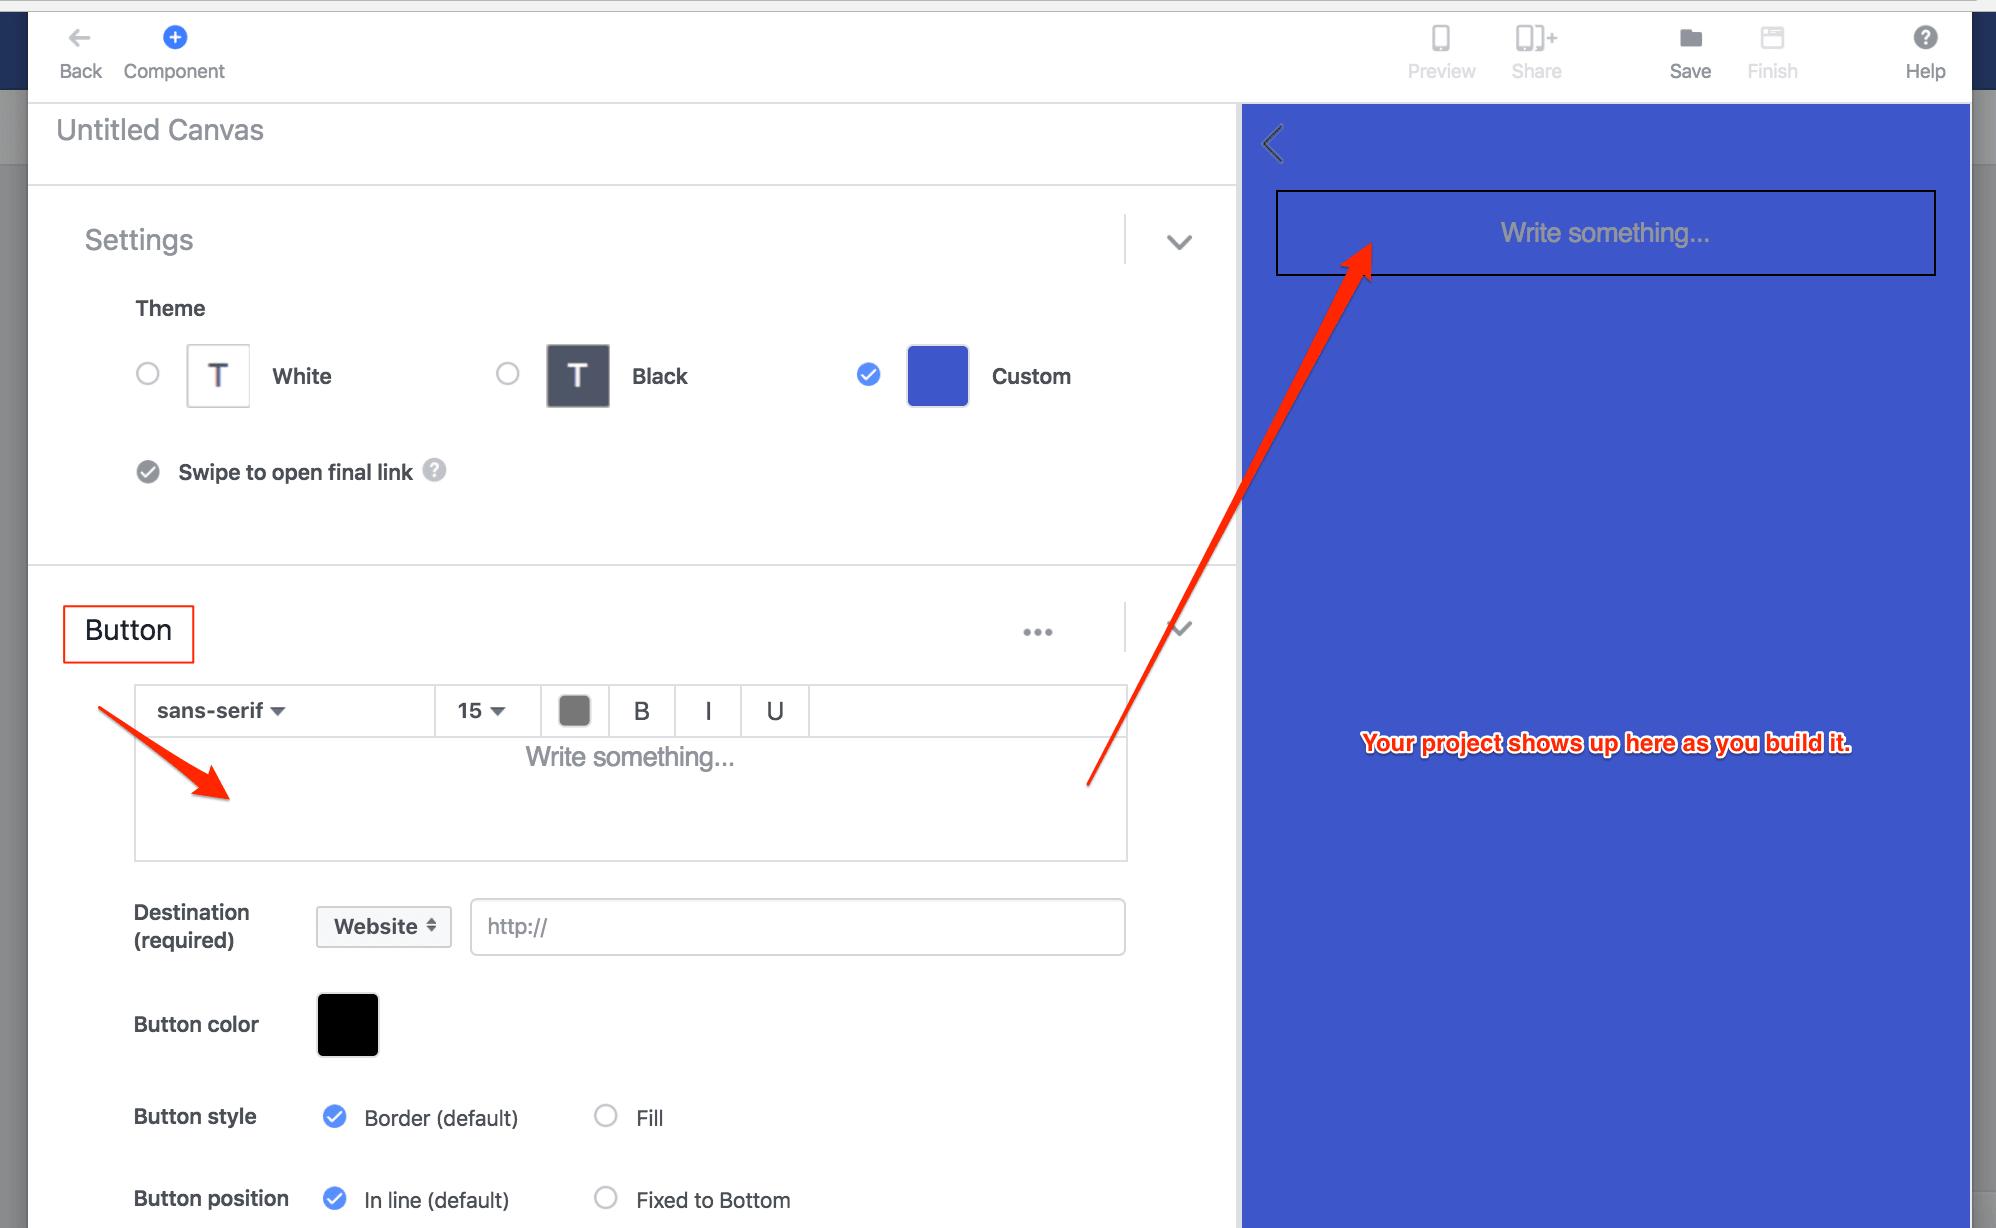 Adding a Button in Facebook Canvas